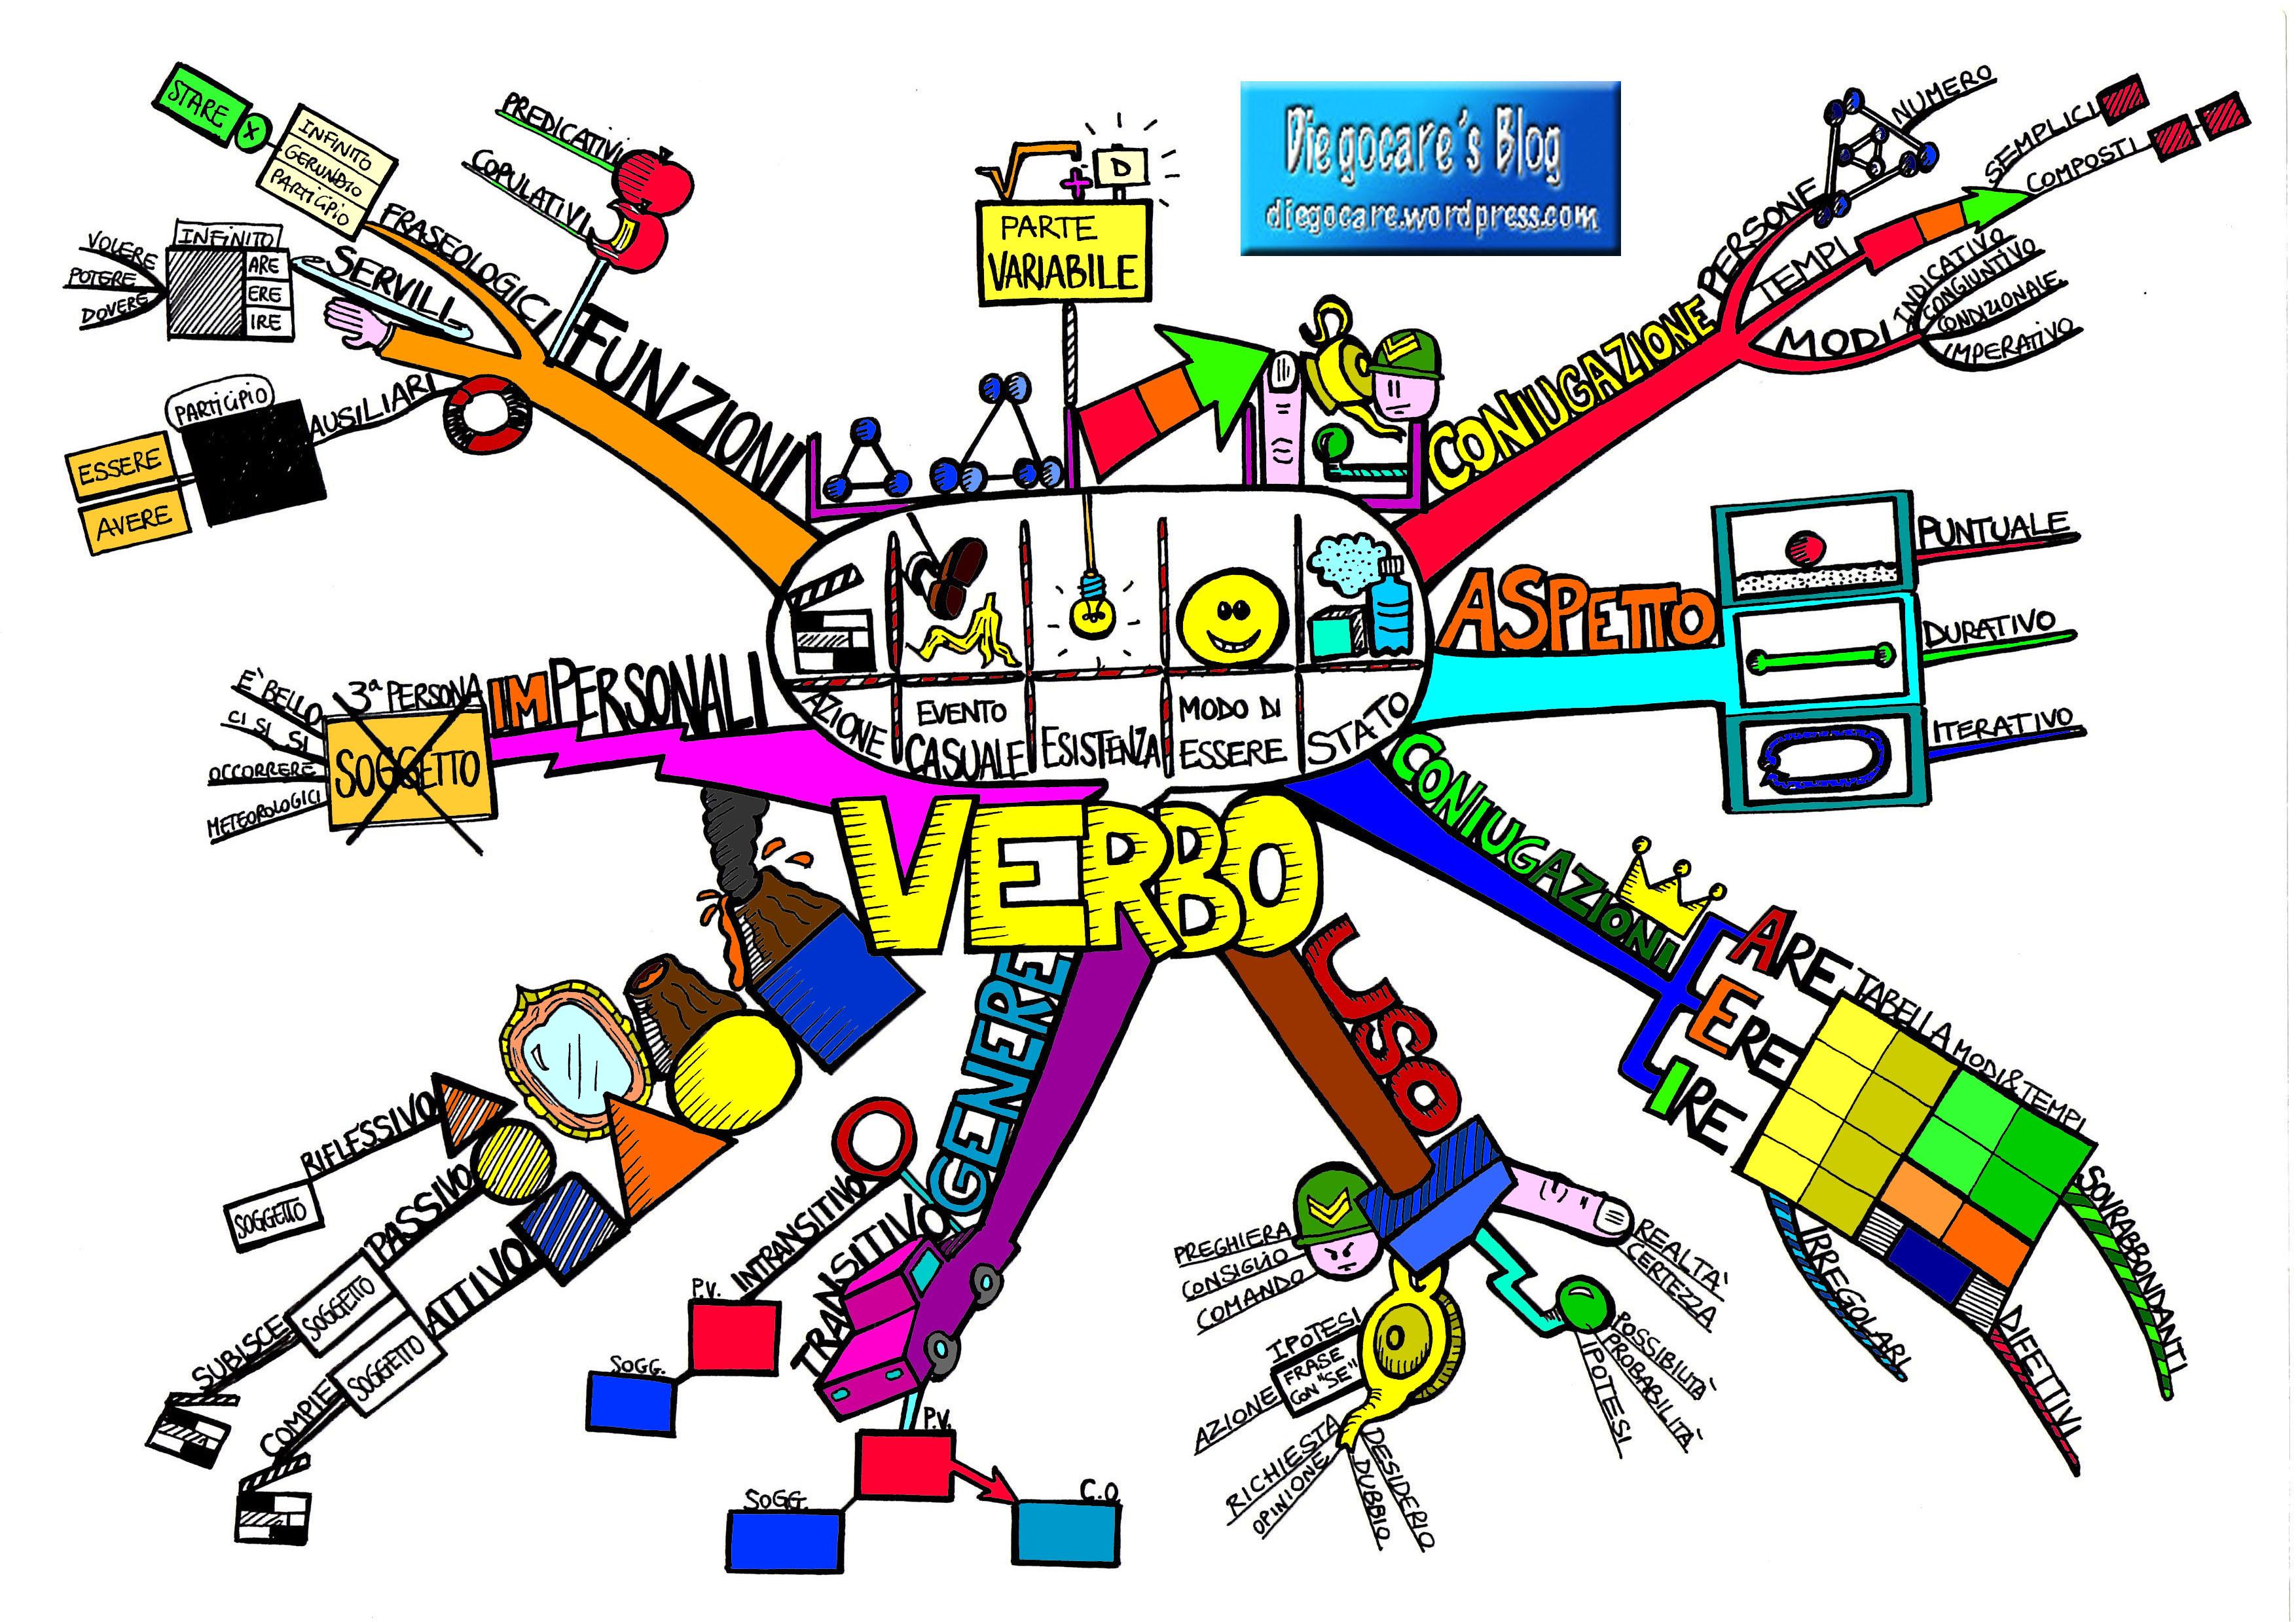 MAPPE: GRAMMATICA Il-verbo_etichettata_colore